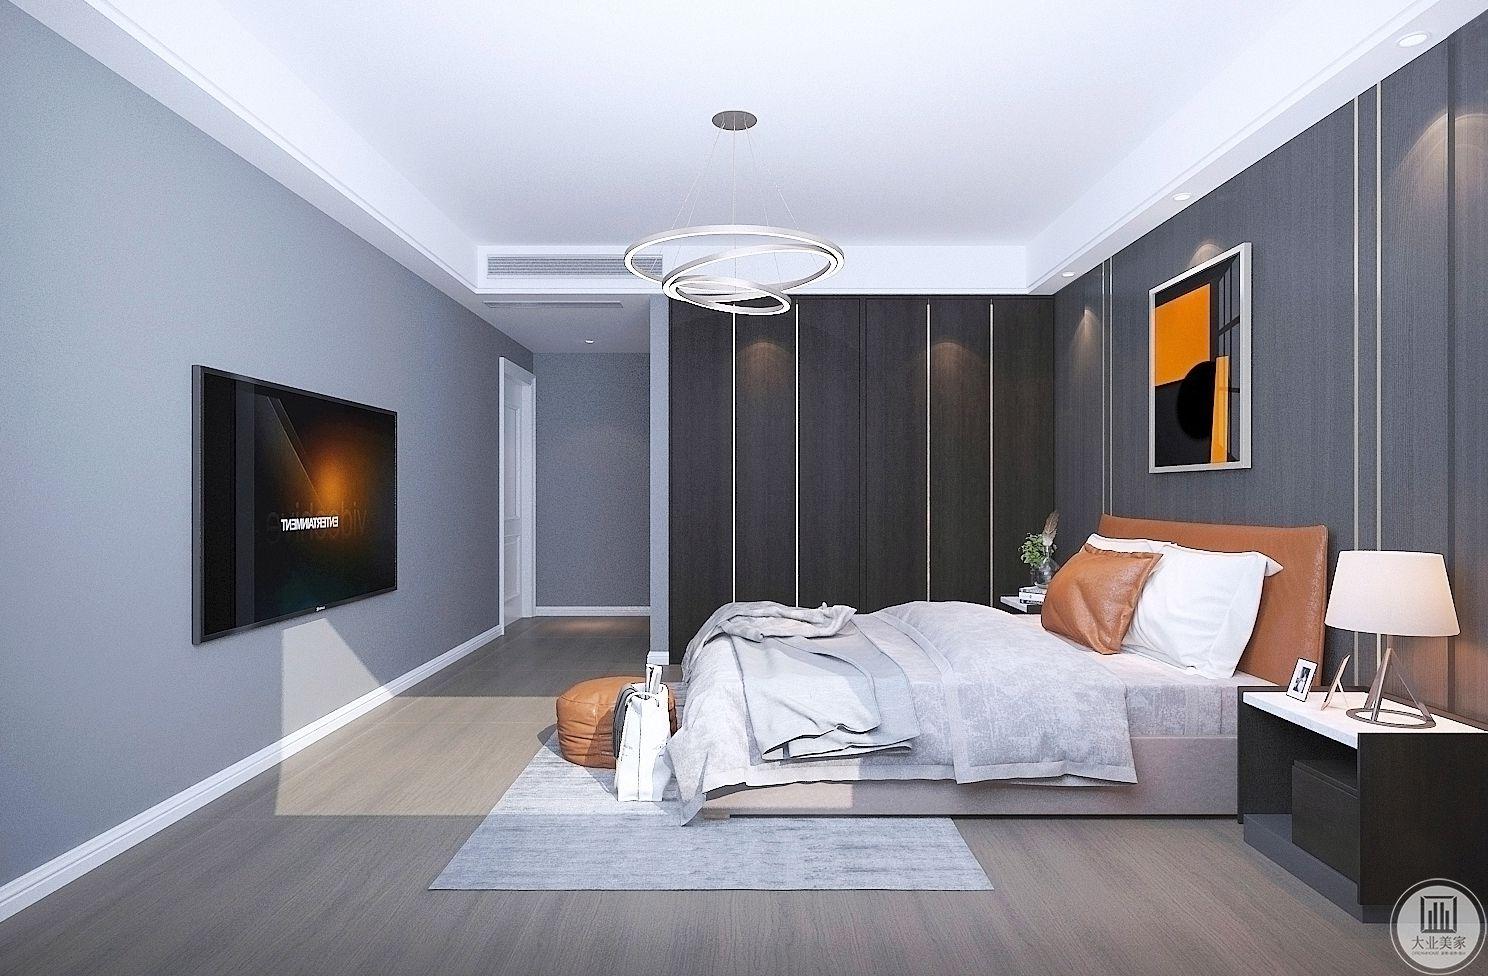 卧室装修效果图:我们延续了一尘不染的设计理念,以高端私人定制的追求,通过完美的比例,展现了一个魅力无限的安静的家。笔直的线条犹如一道灵动的光束拉开空间的维度,样式的重组与品质承袭,体现了设计师独到的审美和气度。